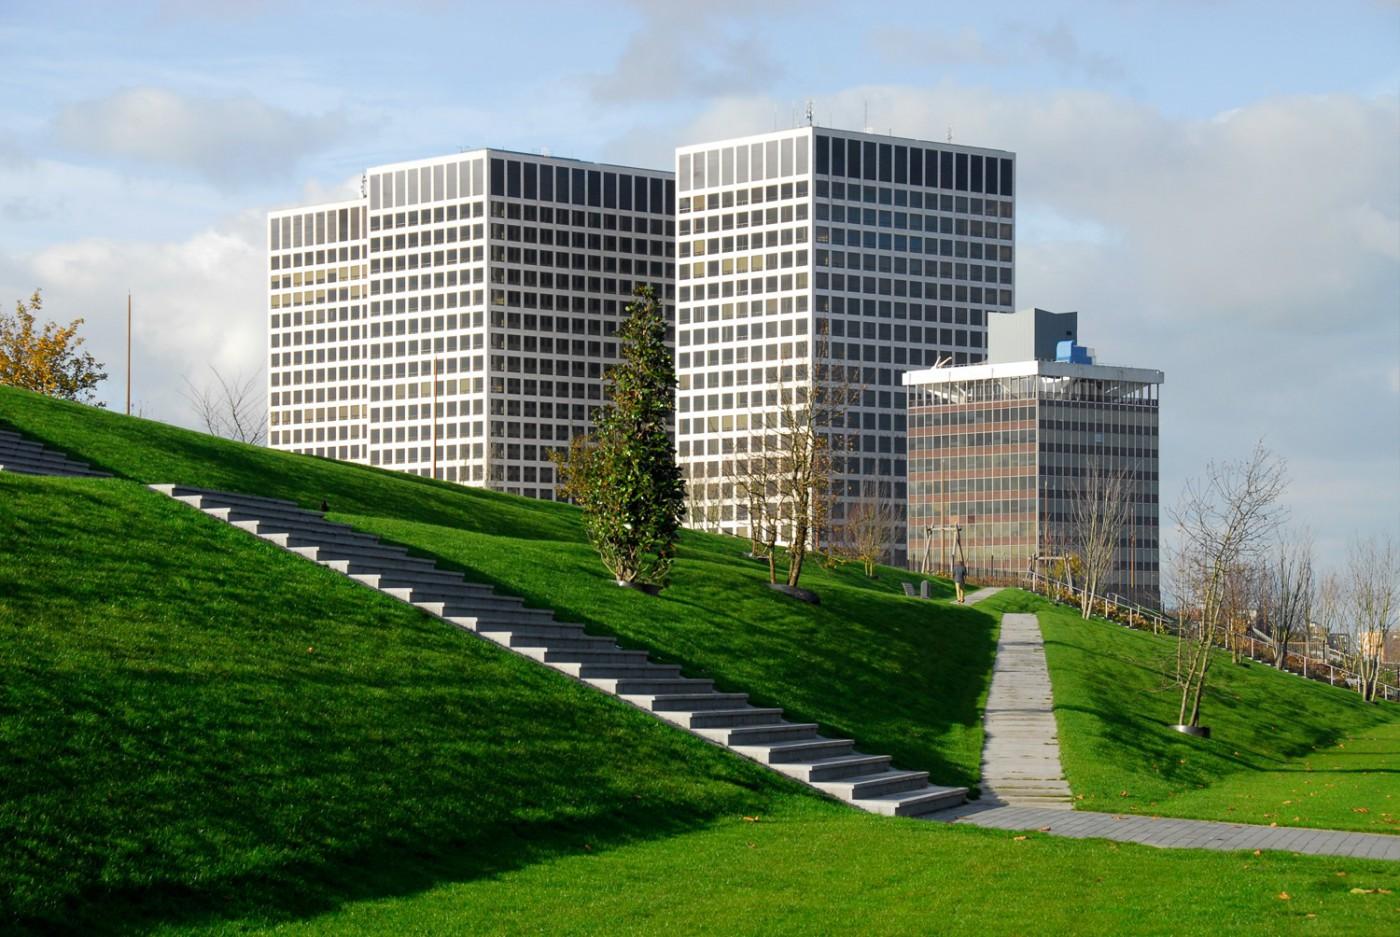 dijk-marconitorens-dakpark-rotterdam-santenco-landschapsarchitectuur